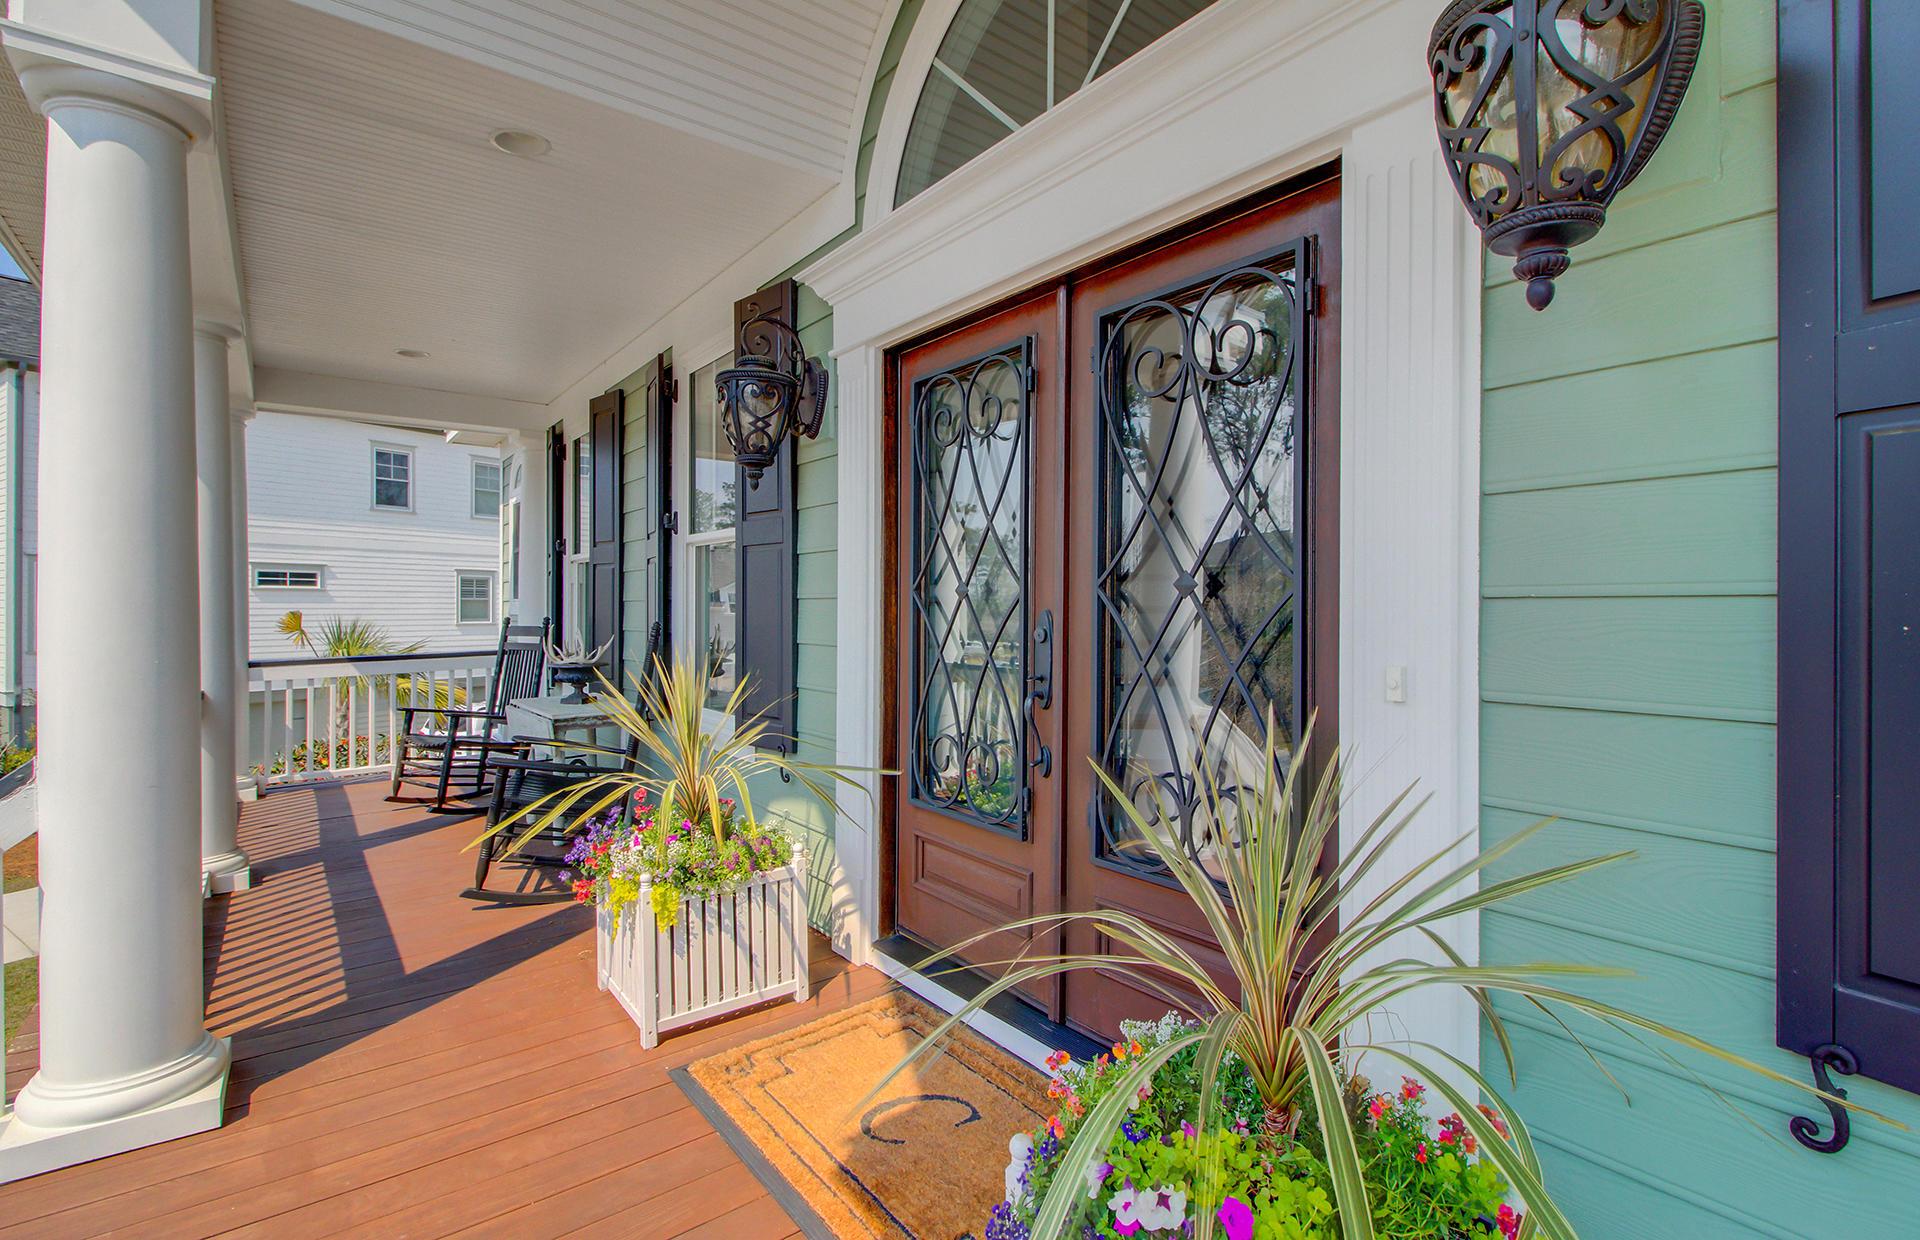 Dunes West Homes For Sale - 2913 Yachtsman, Mount Pleasant, SC - 36